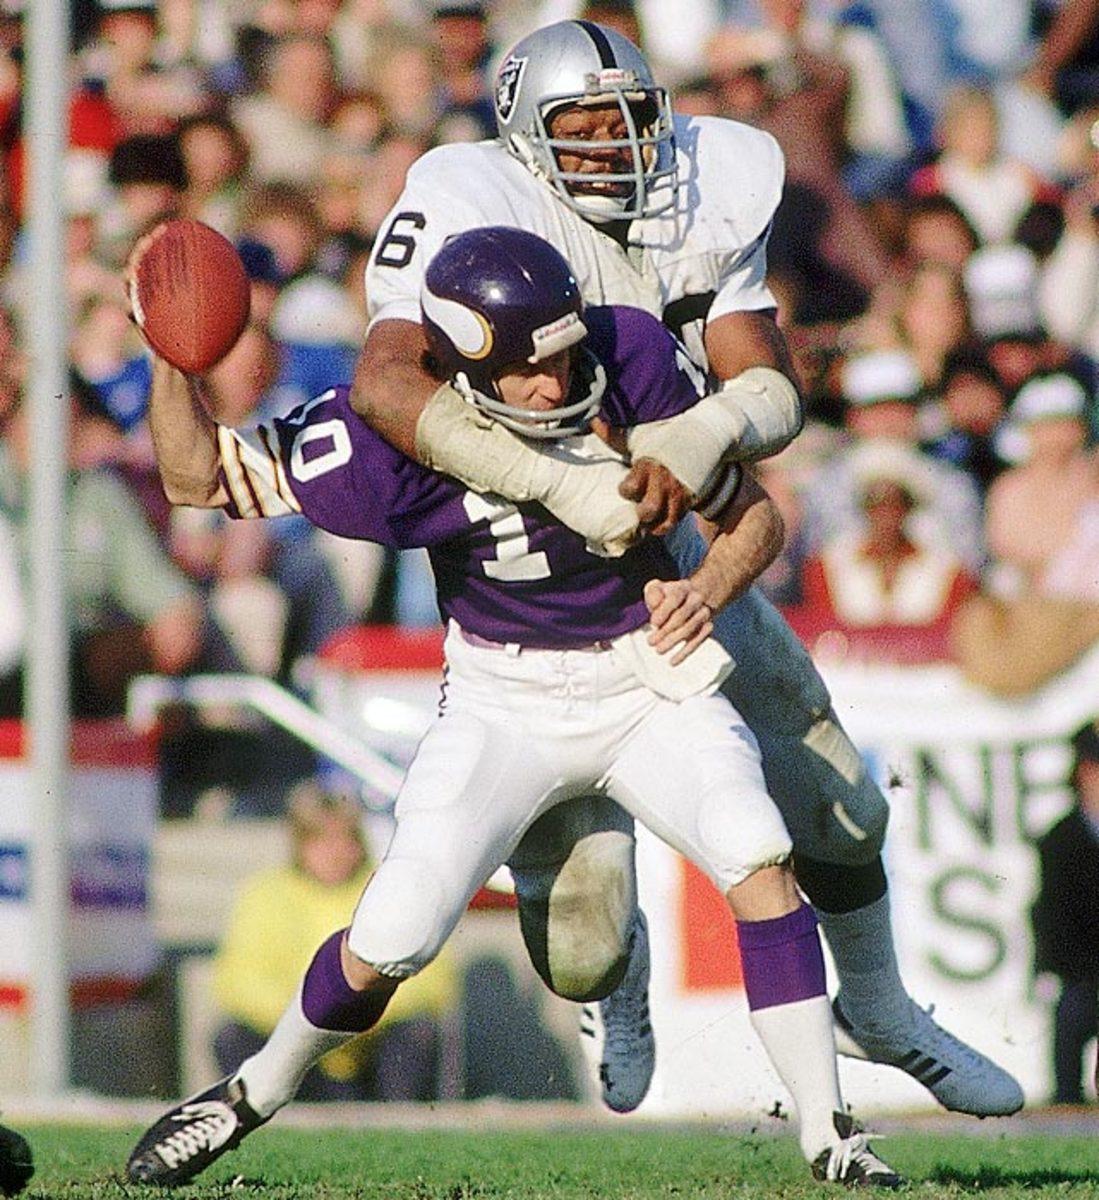 Super Bowl XI, Jan. 9, 1977